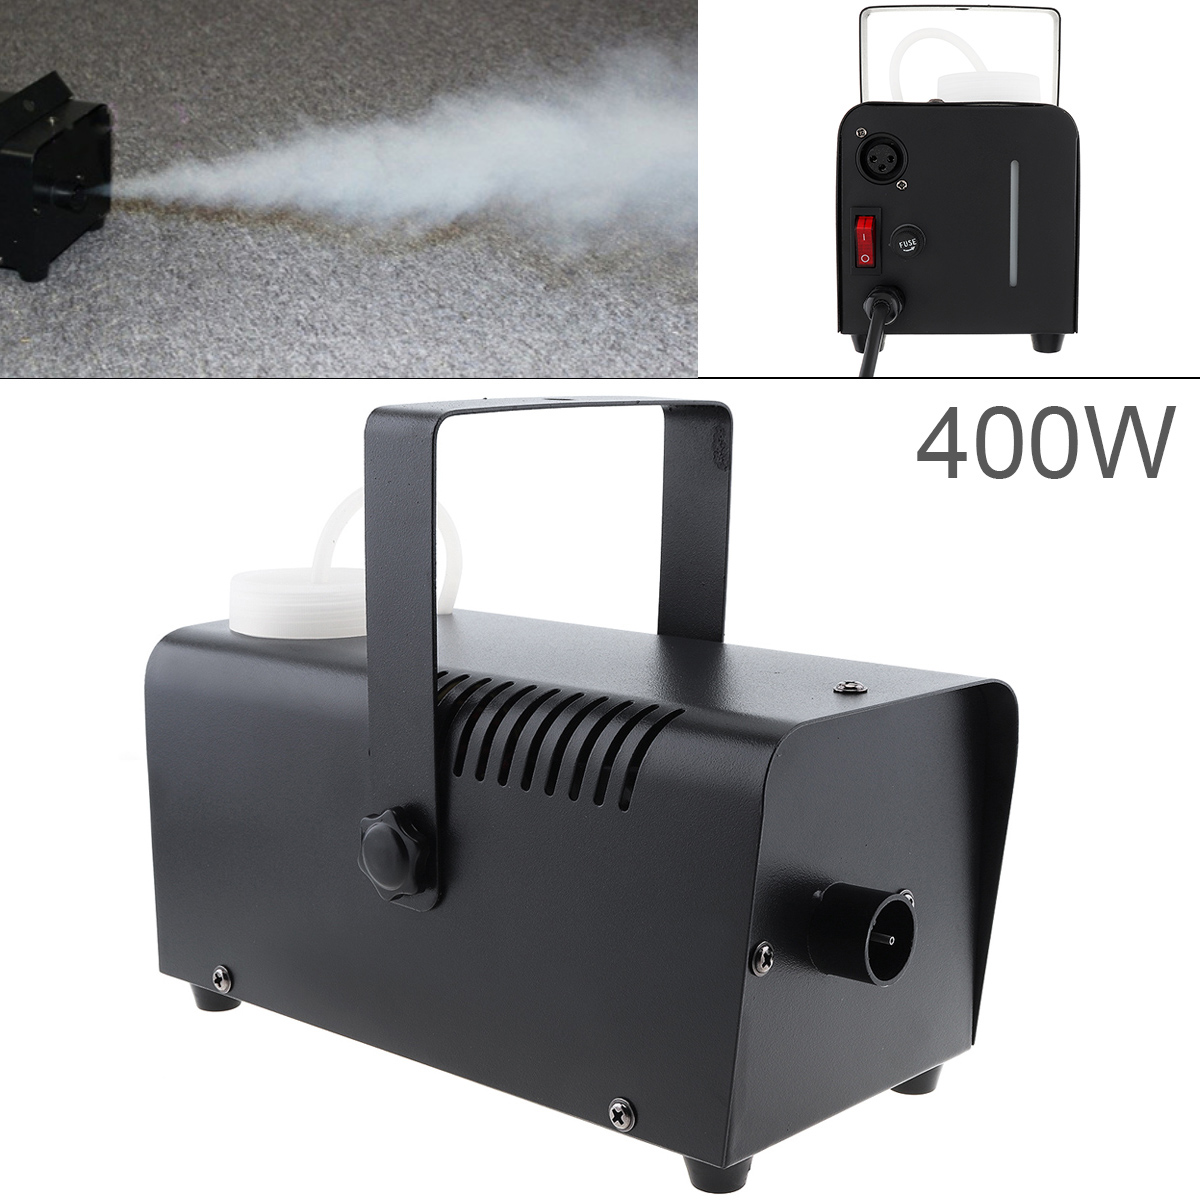 400W Universal Wire Control 400W Hood Fog Machine Professional Fog Machine Fog Ejector for Wedding / Stage / Bar / KTV